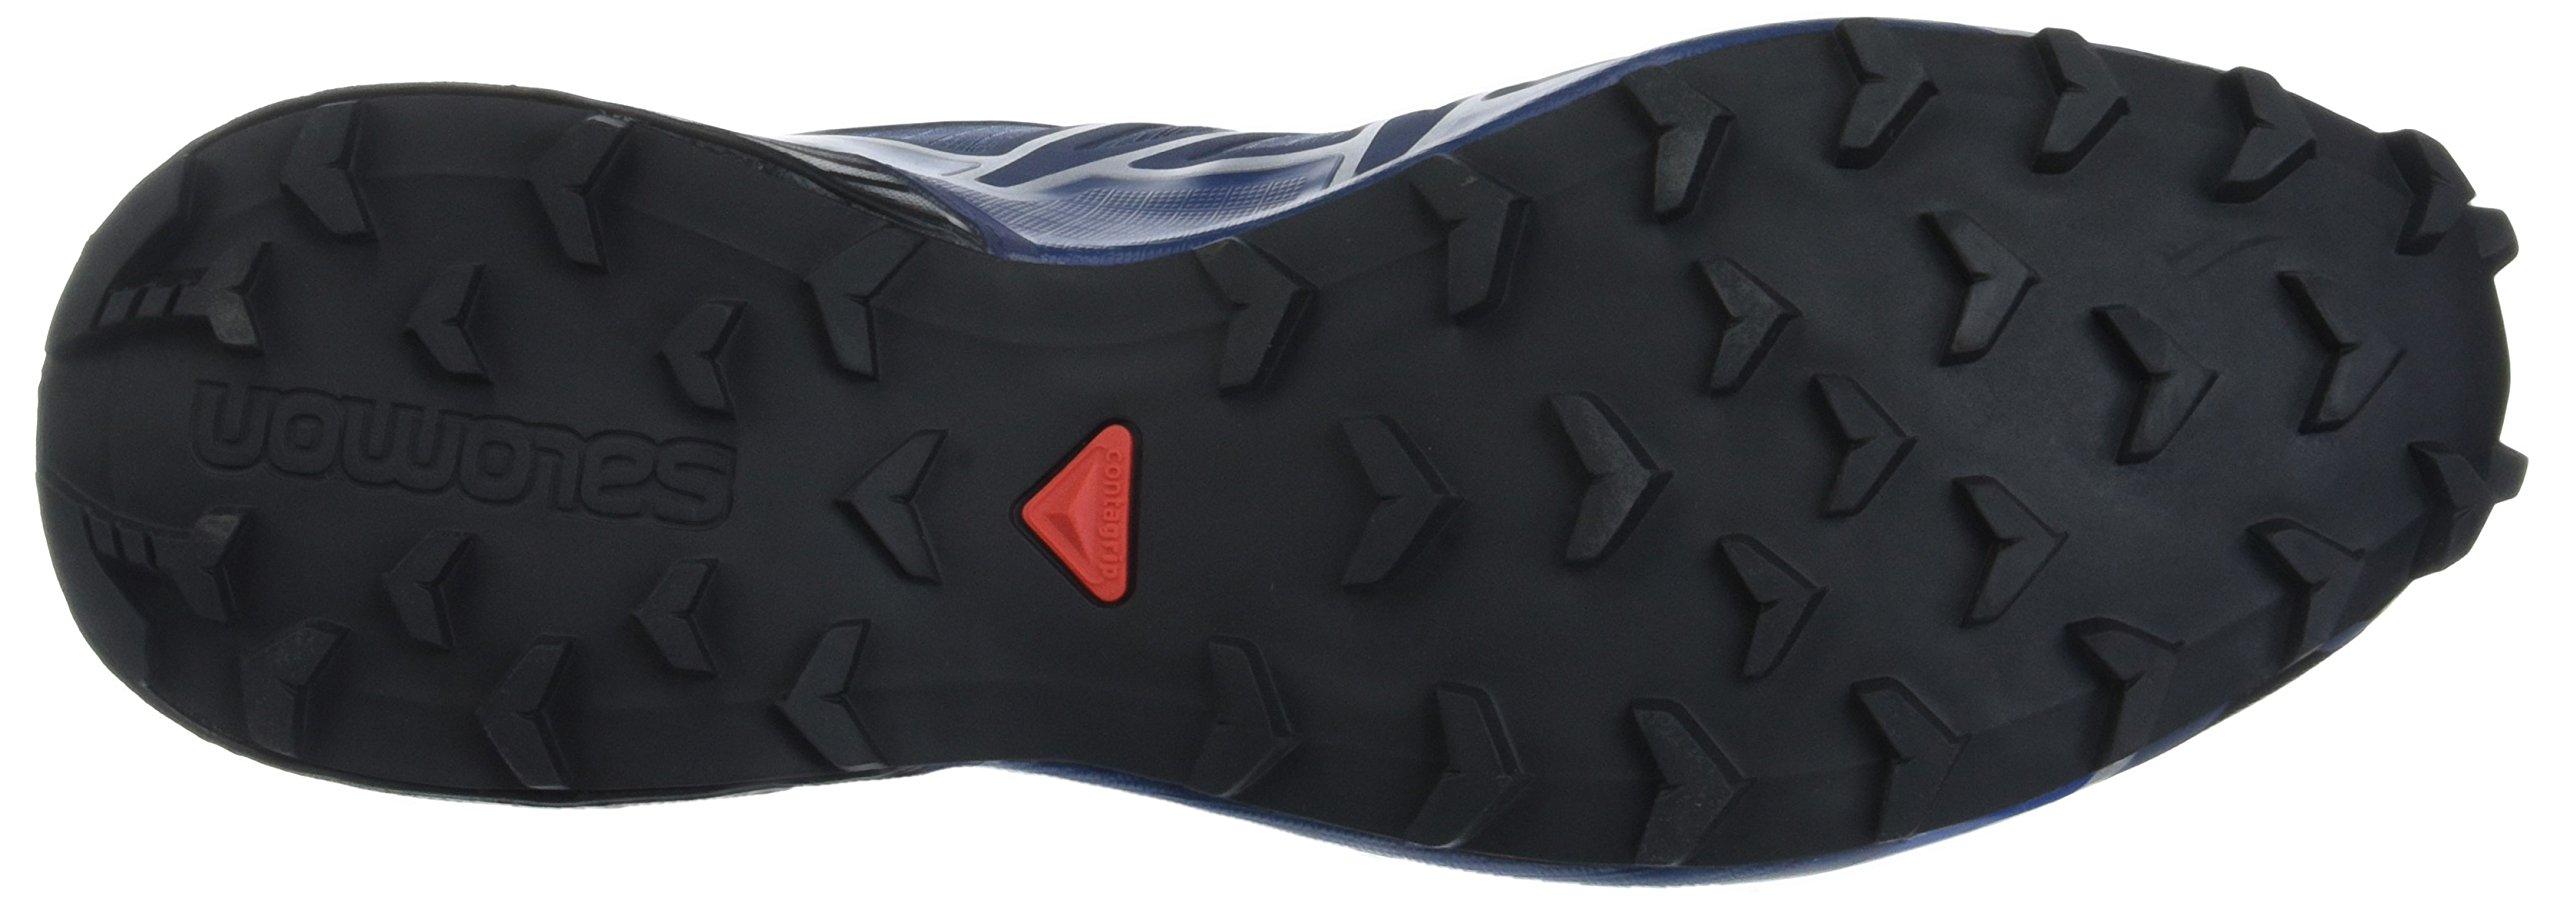 Salomon Men's Speedcross 4 Trail Runner, Slate Black/Blue Yonder, 7 D US by Salomon (Image #3)